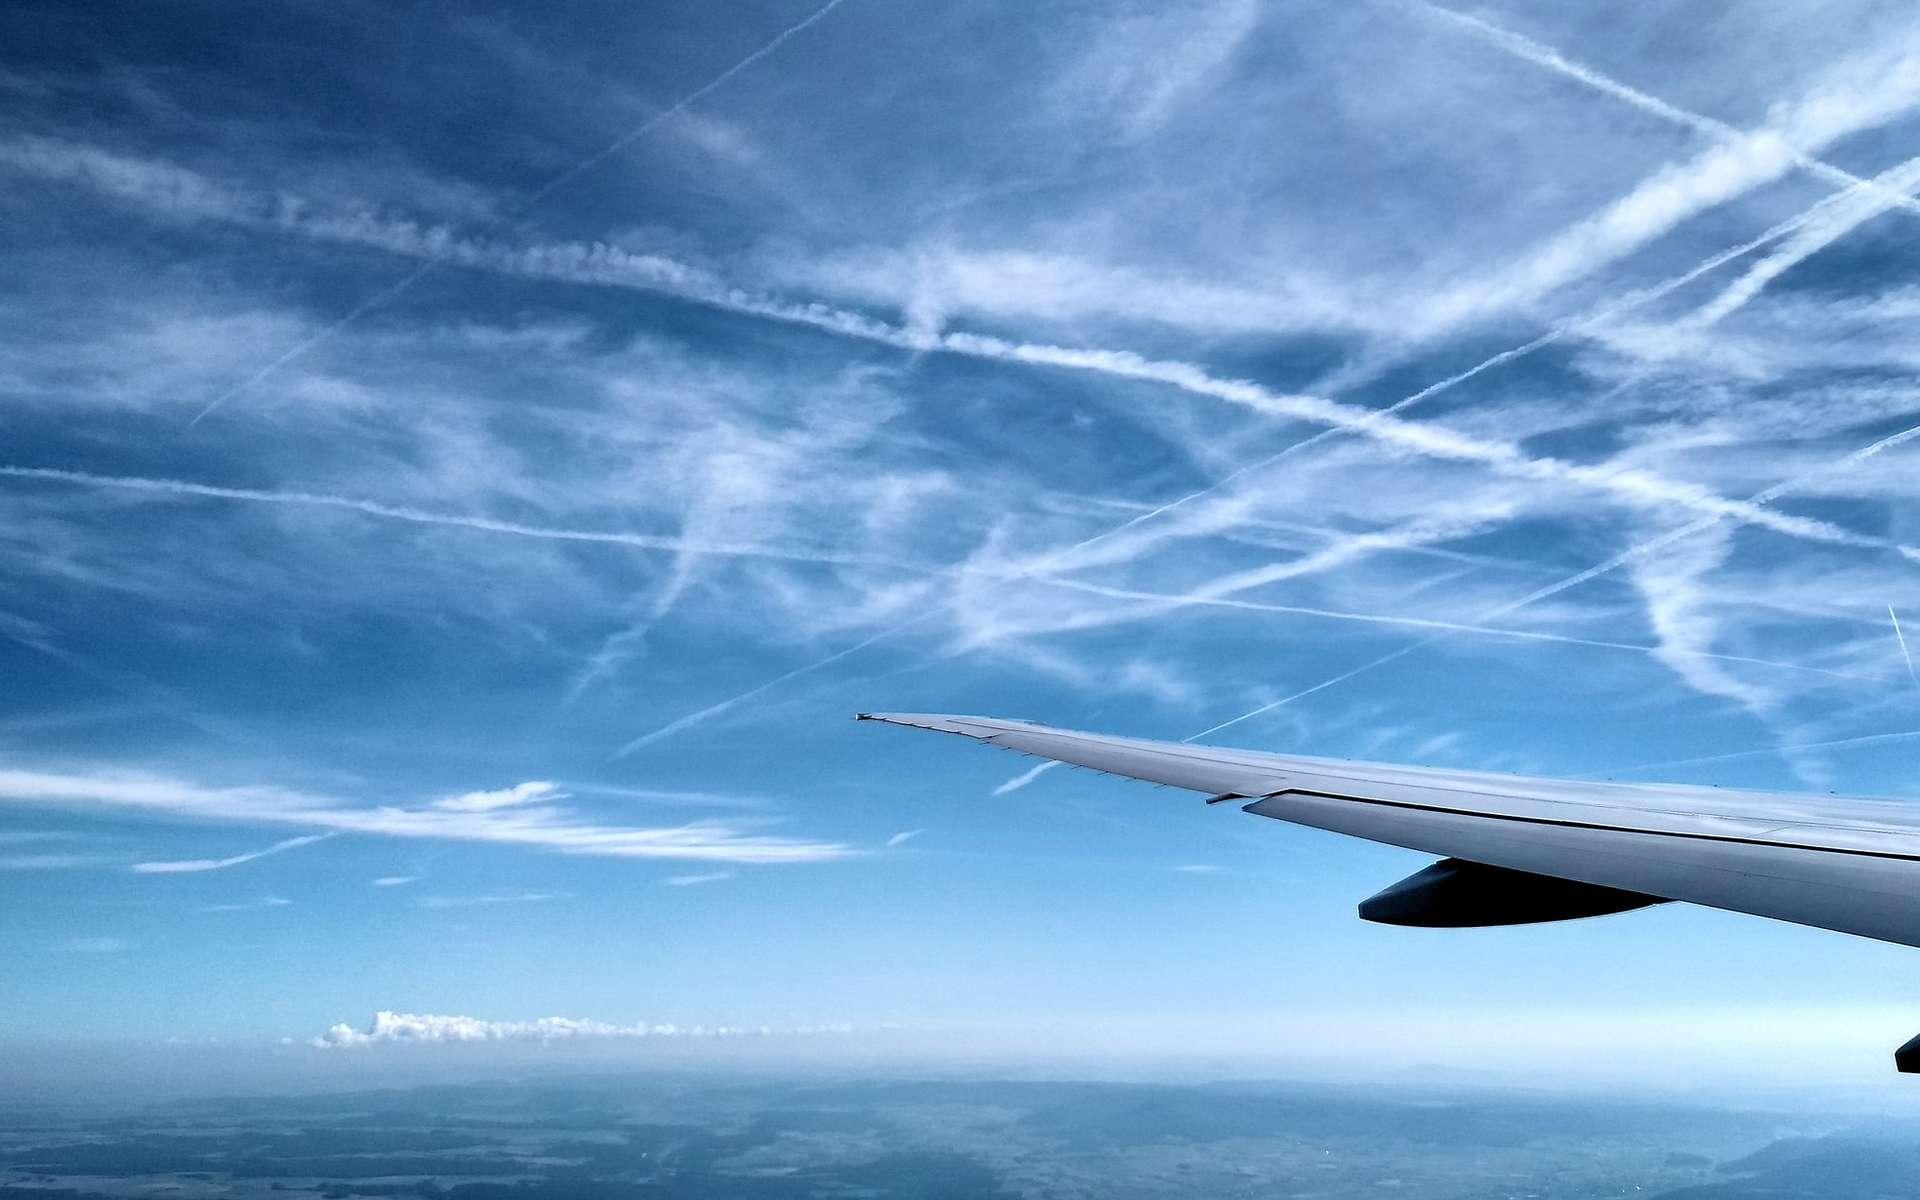 Réchauffement climatique : l'impact des traînées d'avion va tripler d'ici 2050